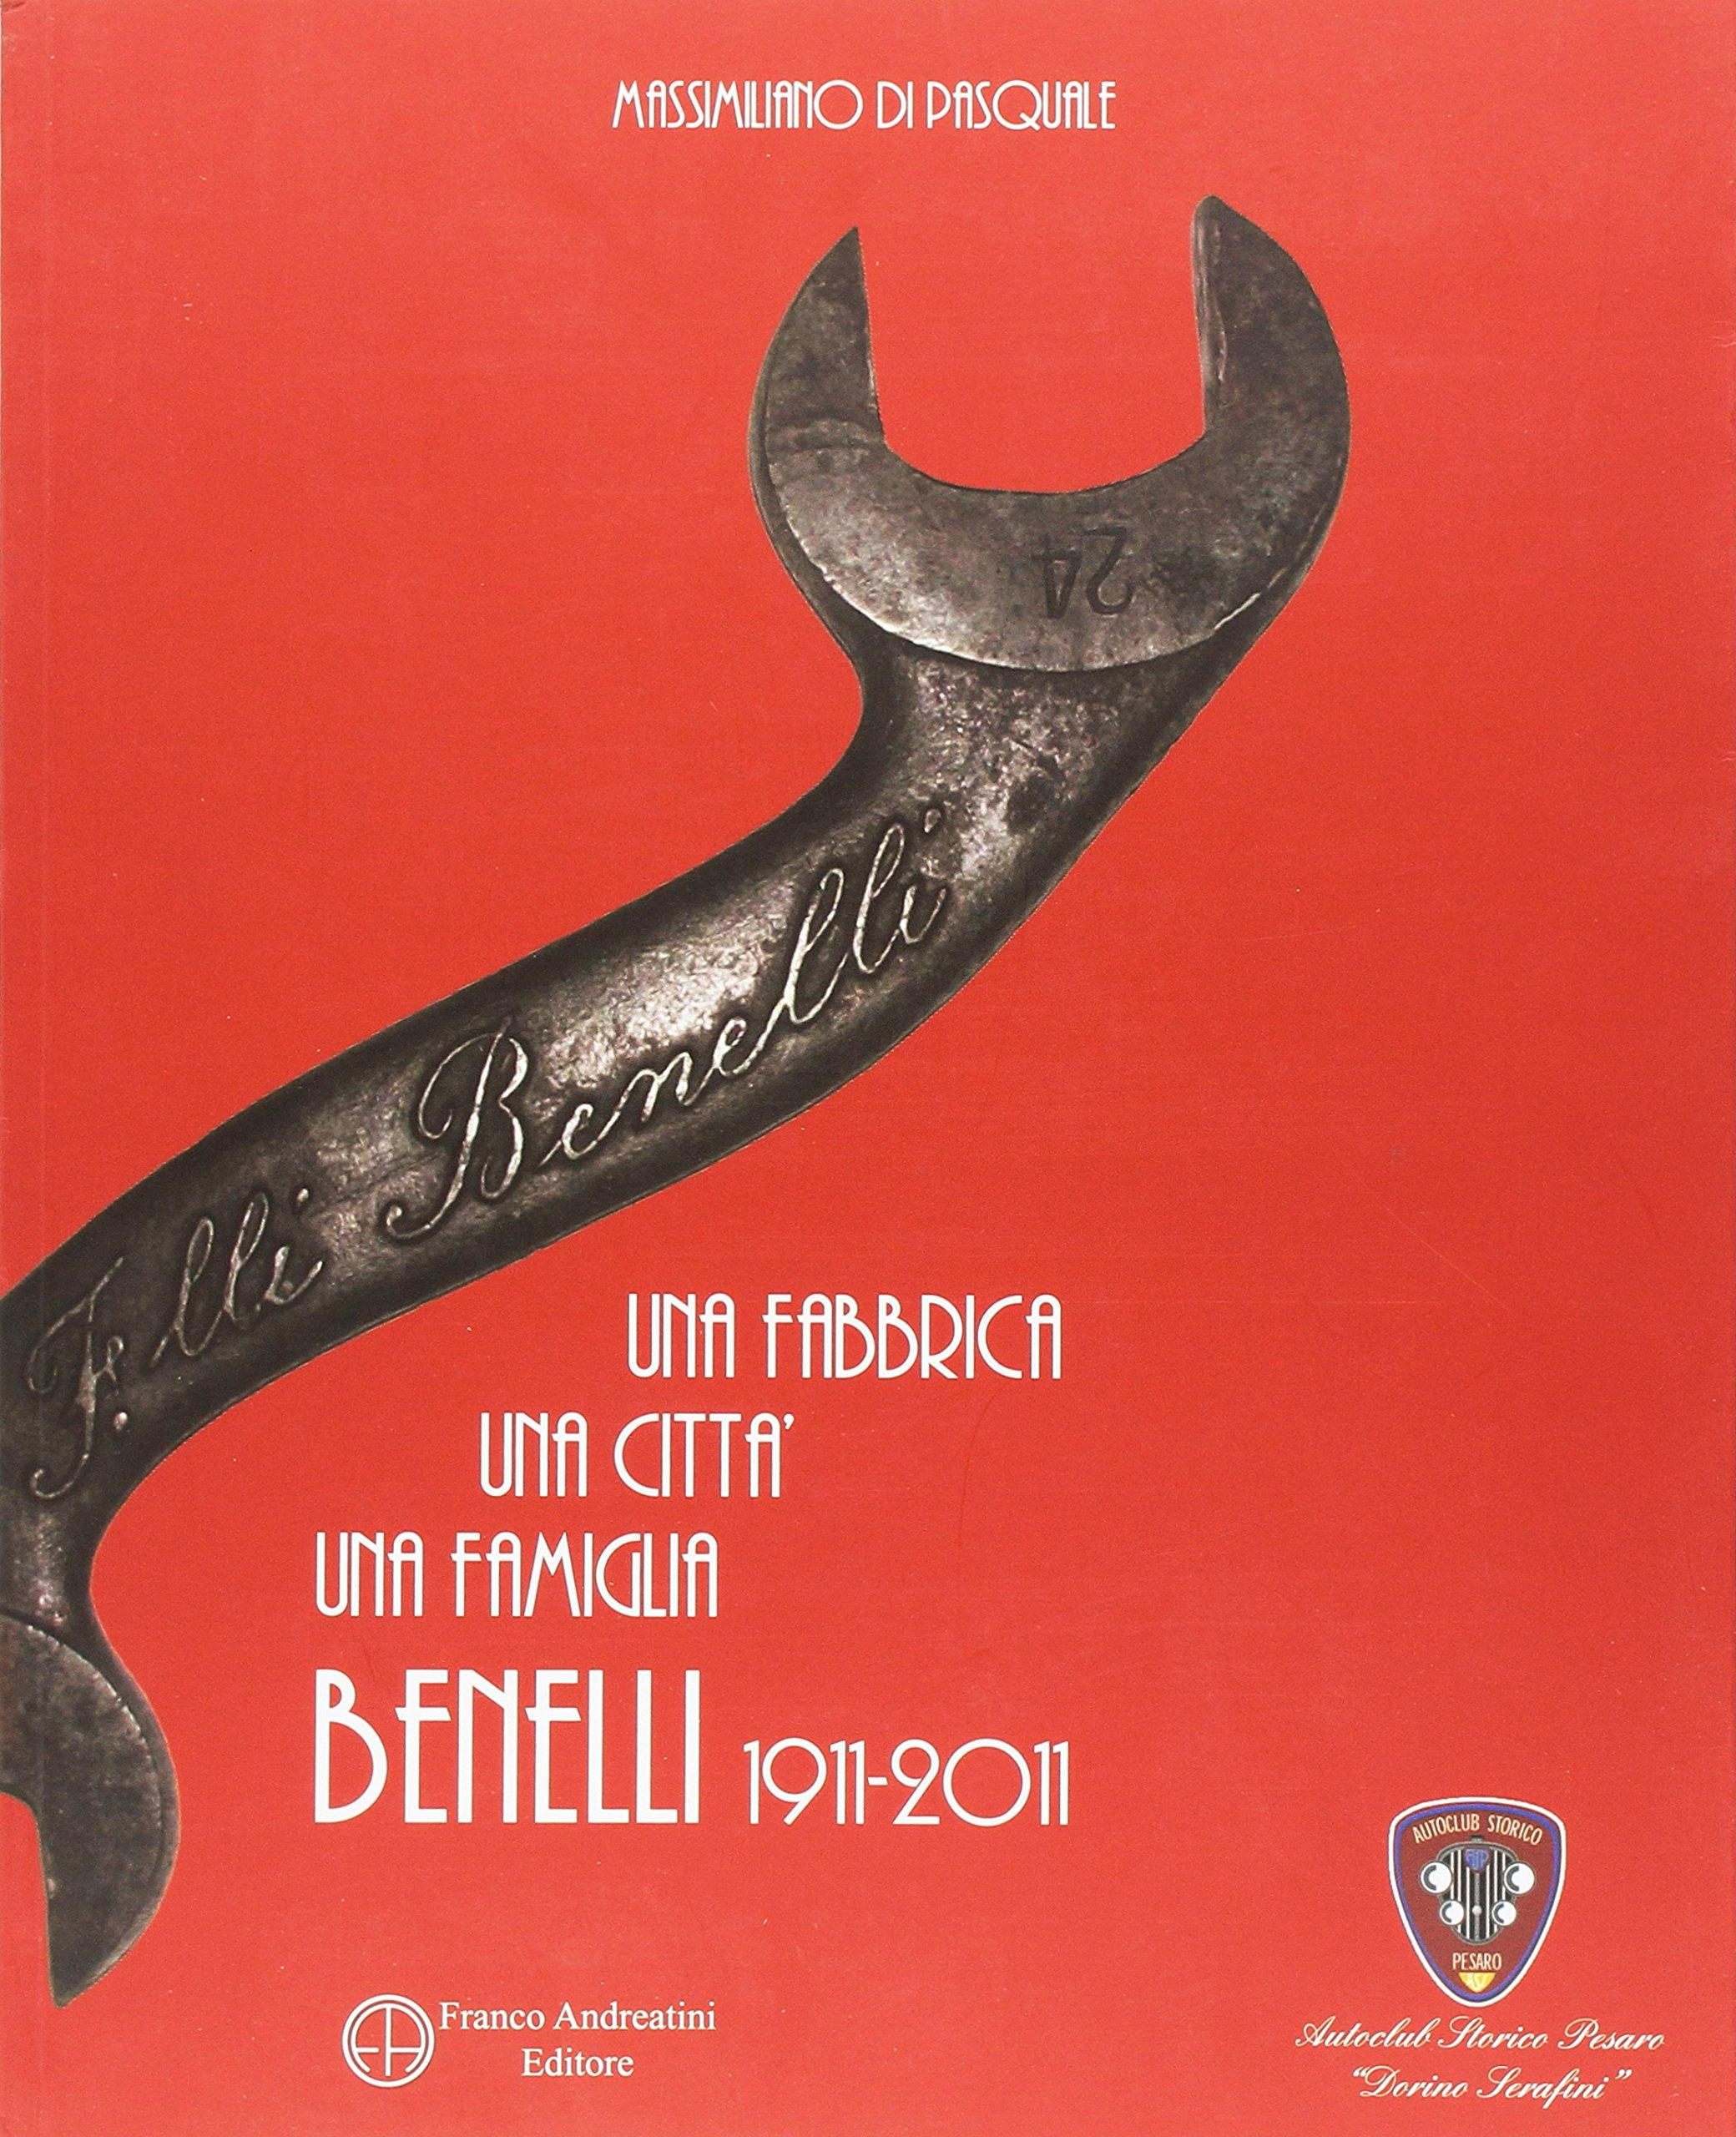 Una fabbrica una città una famiglia Benelli 1911-2011